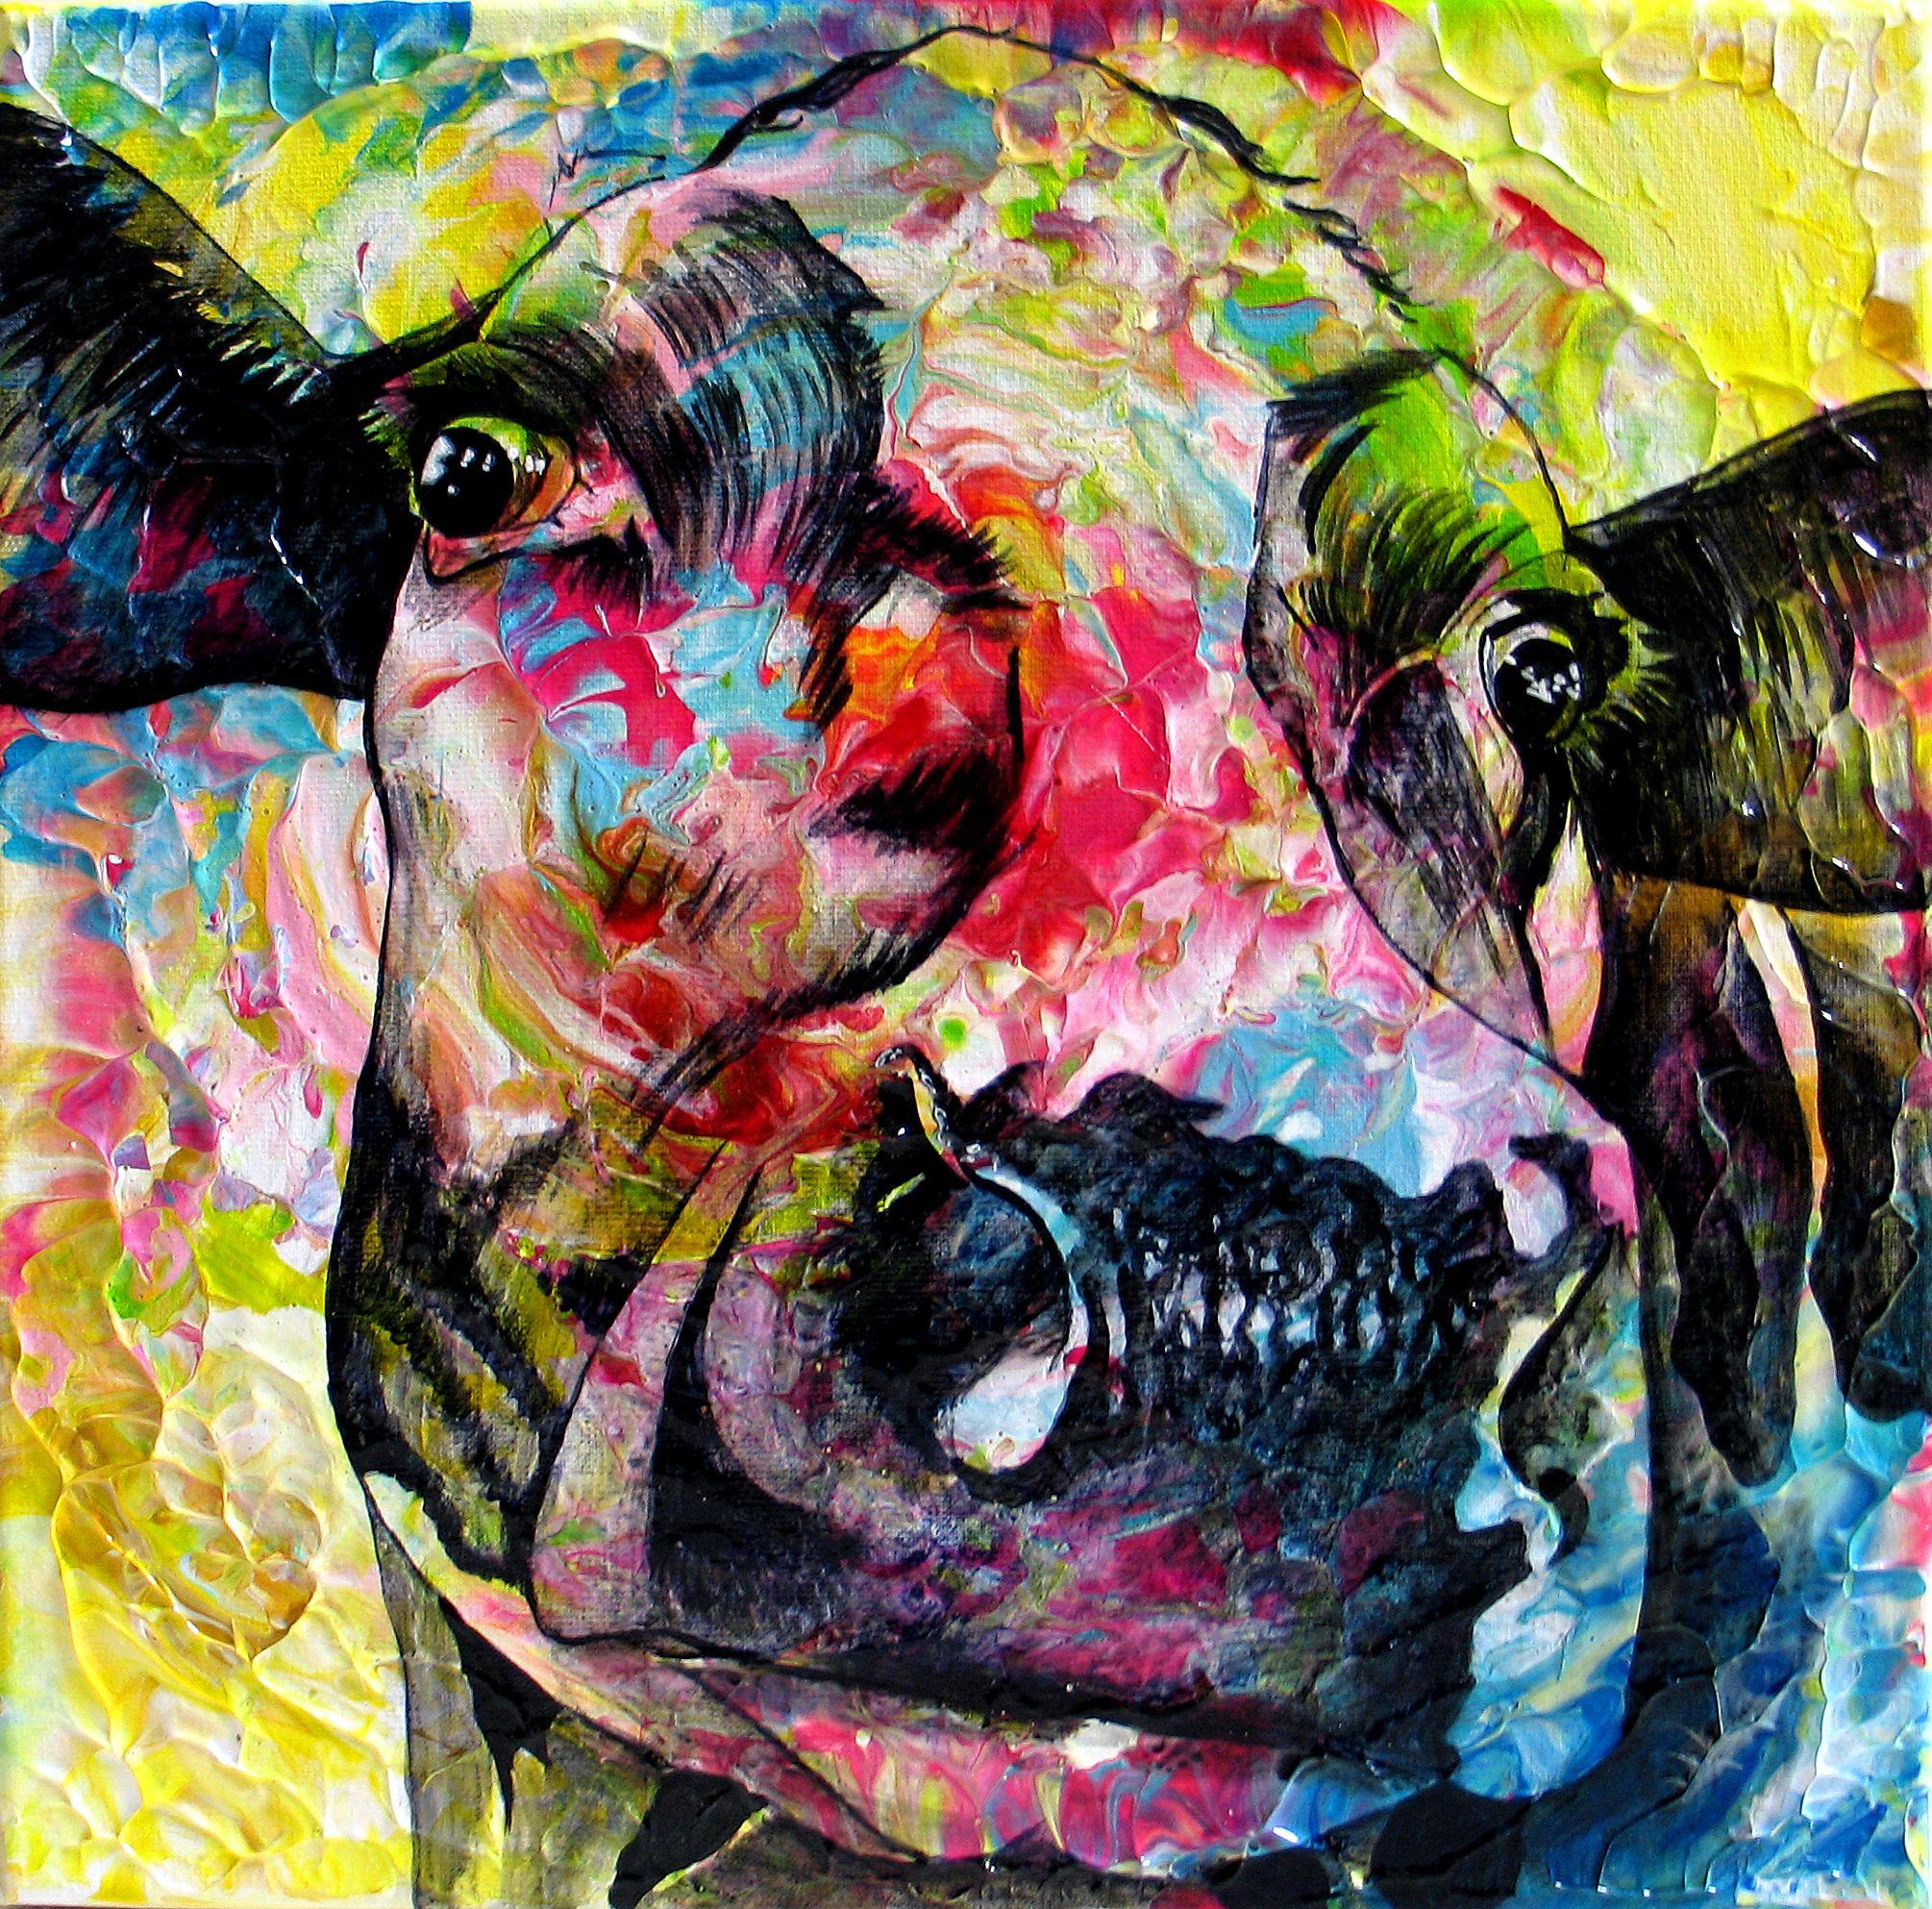 Anita schildert o.a. kleurrijke en unieke koeienschilderijen, het zijn typische werken die je ook van dichtbij, zou moeten bekijken. Alleen dan zie je de vele kleurschakeringen, het reliëf en de vele manieren waarop het licht speelt met de schilderijen. Meer informatie: www.anitaammerlaan.com kleurrijke koeienkunst  koeienkop  koeienschilderij  koeienportret  koeienschilderijen koeienschilder koeschilderij koeienkunstenaar